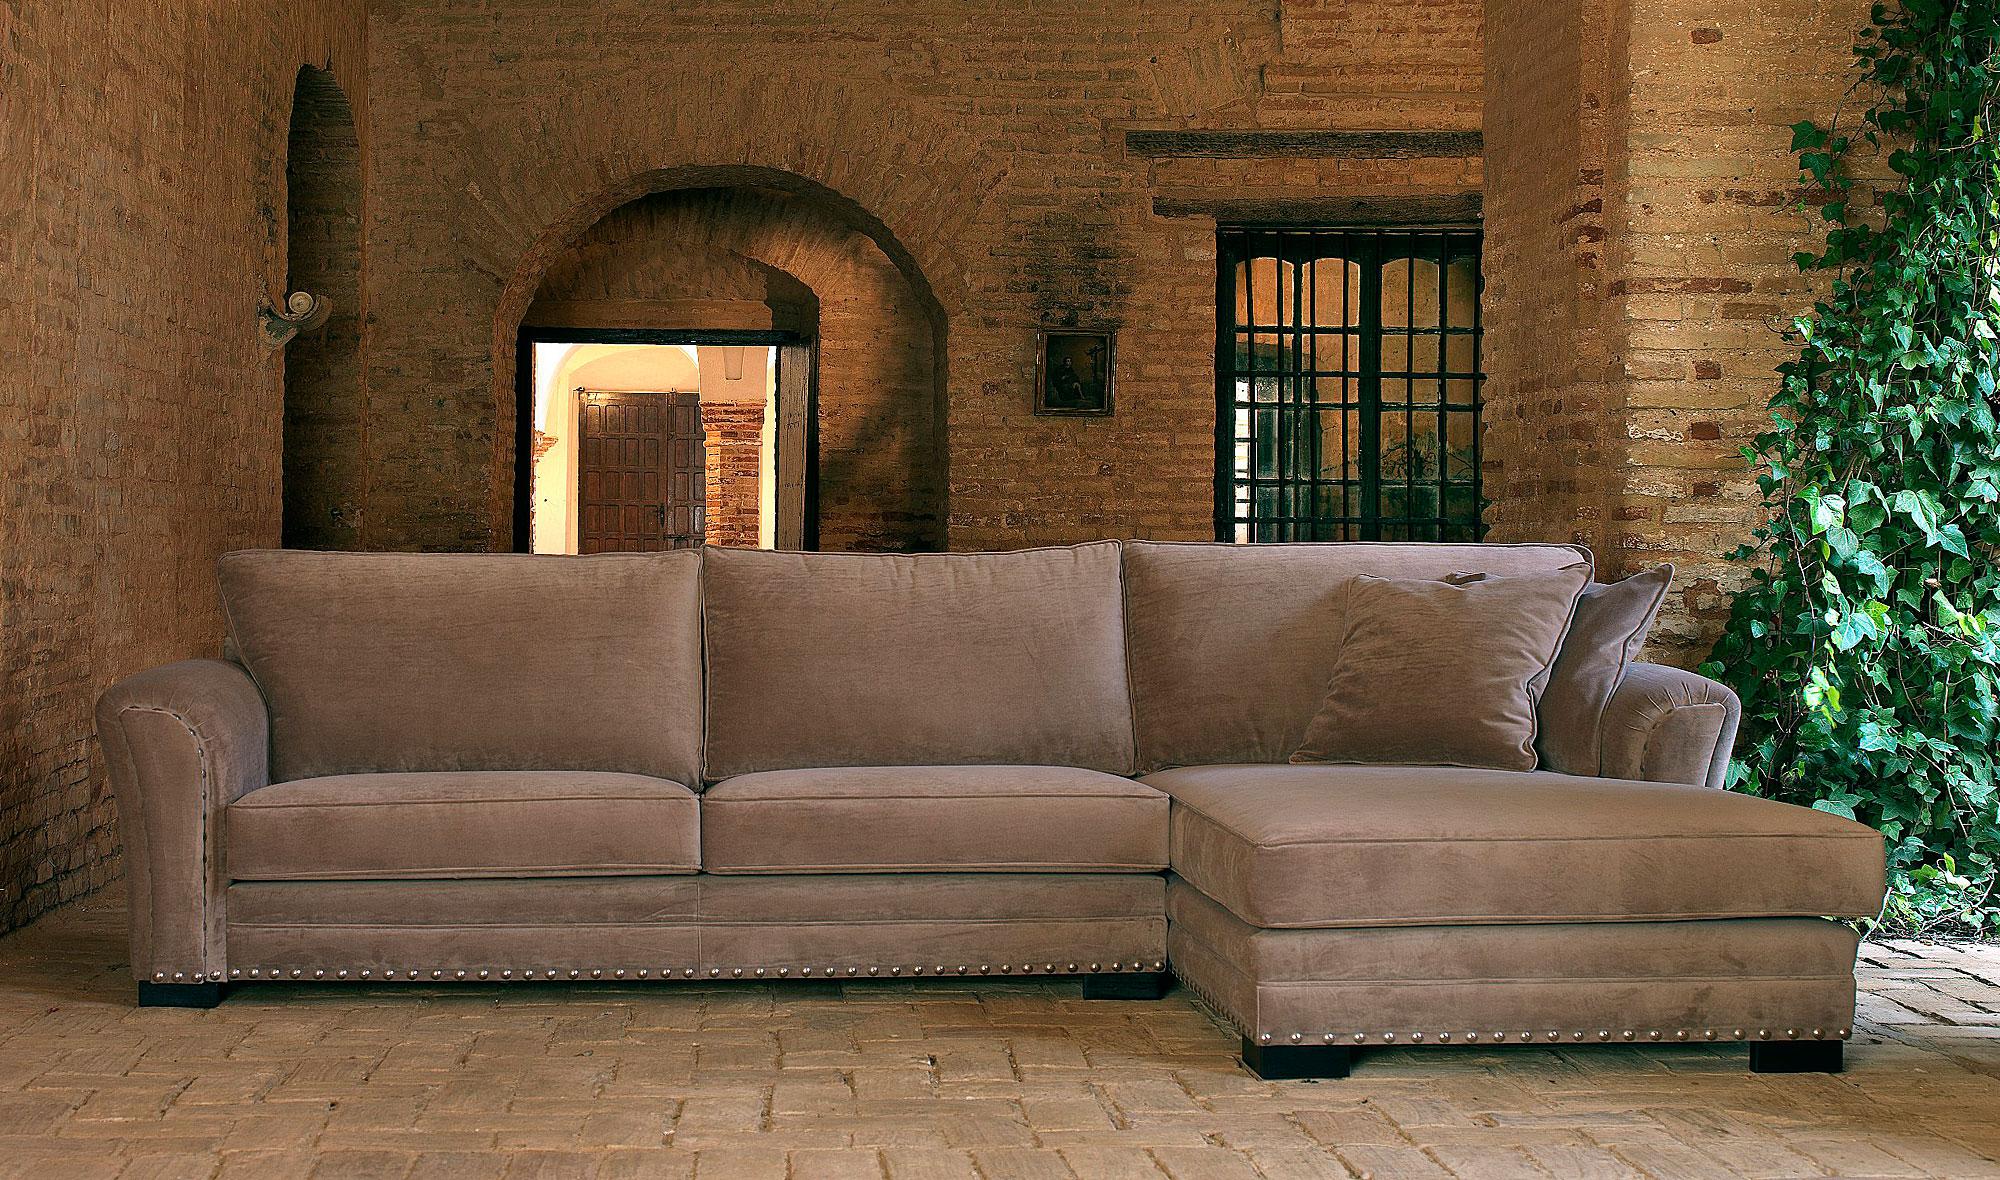 Sof 3 plazas con chaise longue cl sico tigris no for Sofas de estilo clasico